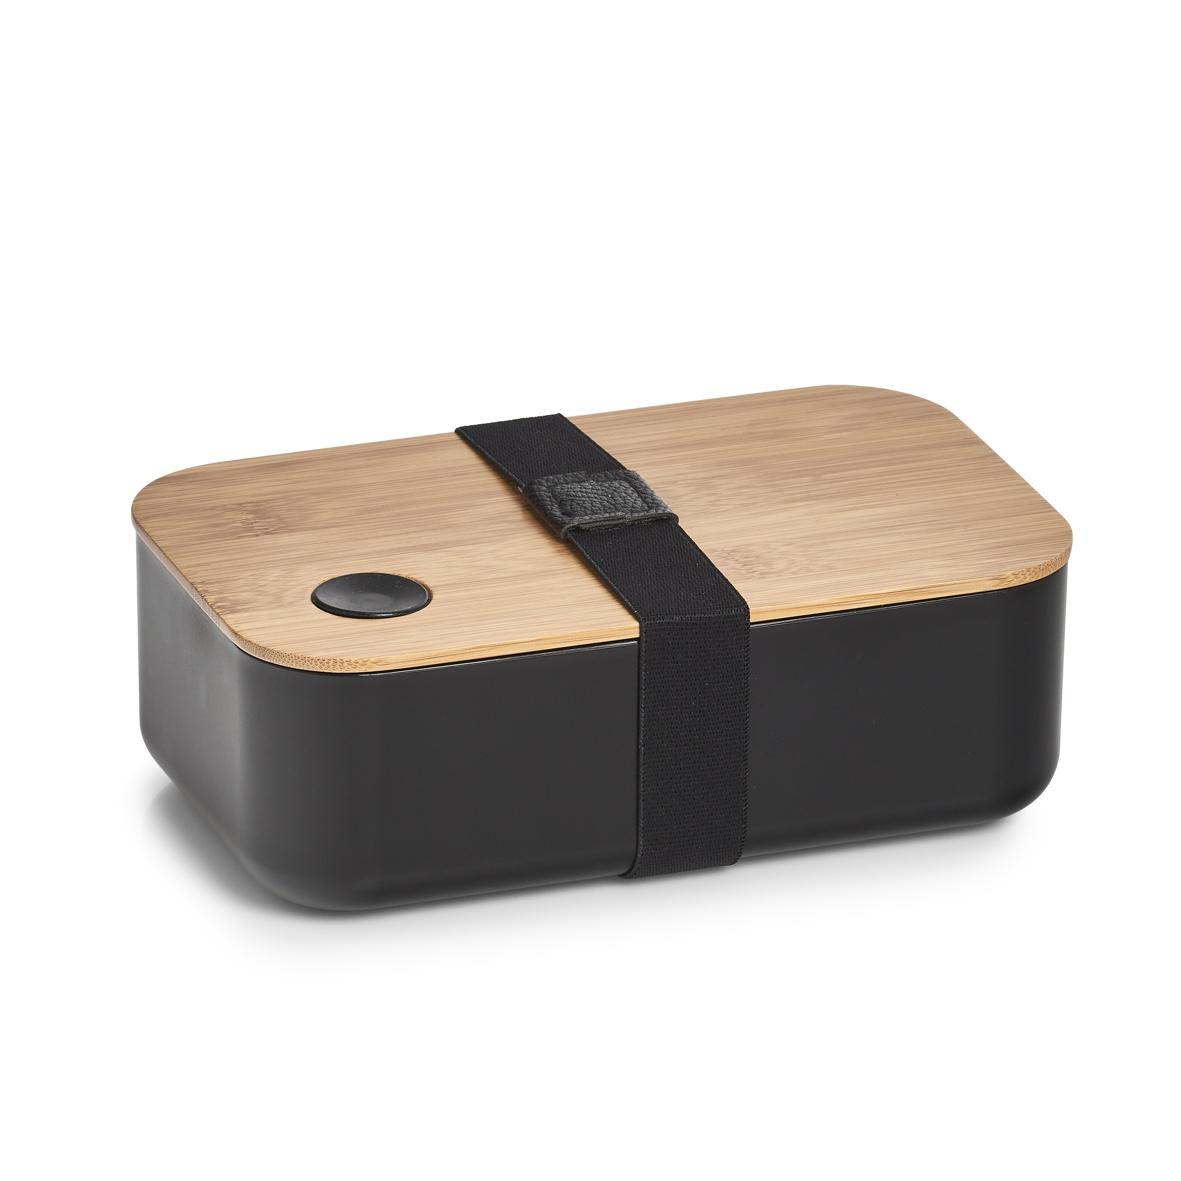 Cutie pentru depozitare Bamboo Negru, L19,3xl11,8xH6,8 cm imagine